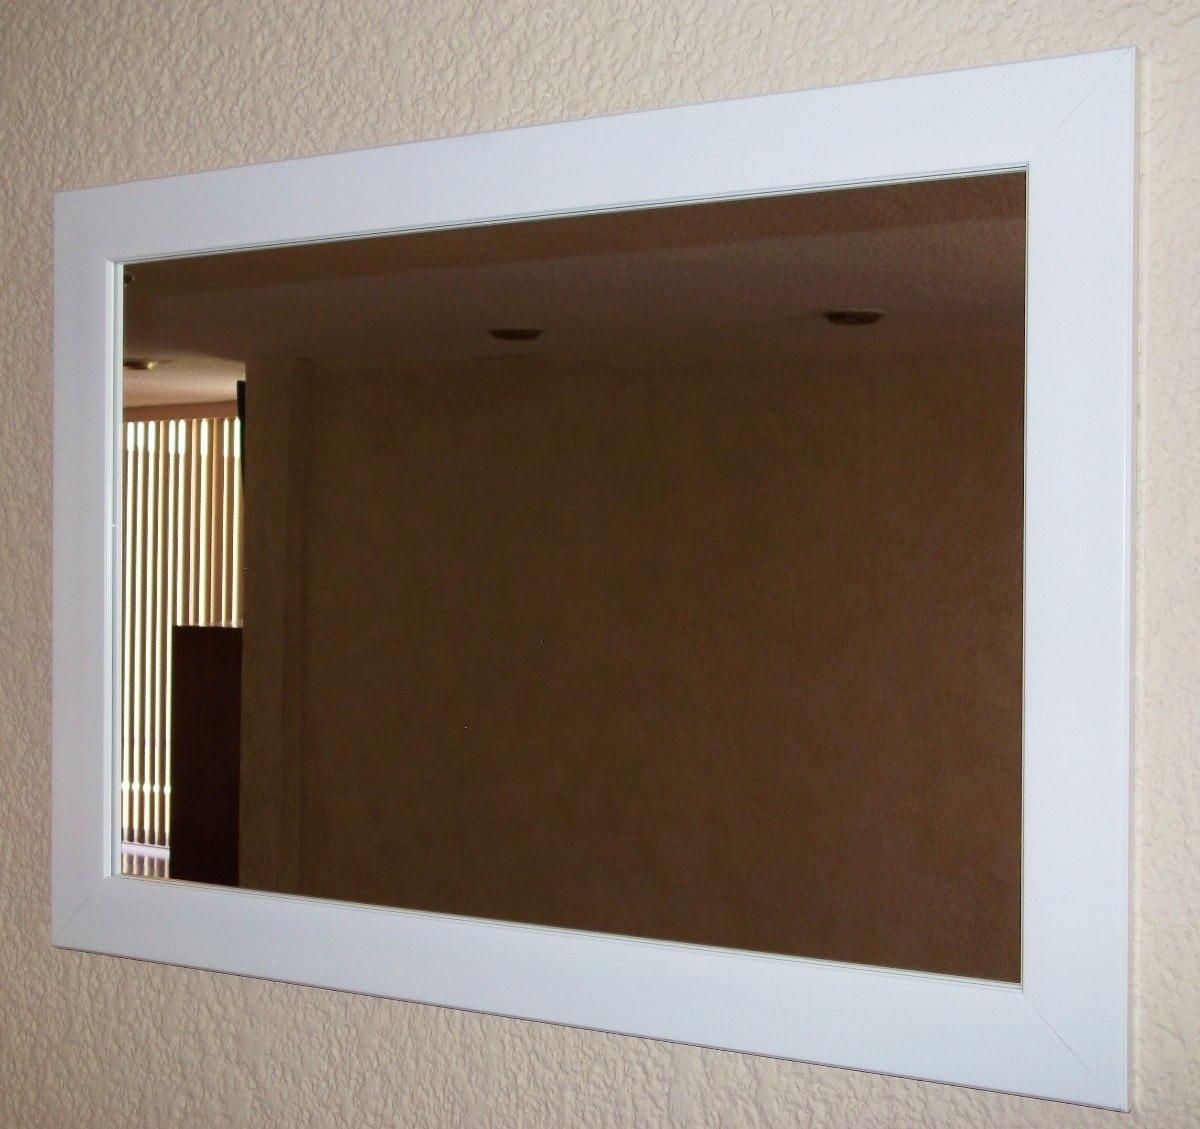 Espejo 70 x 50 cm espejo varios colores con marco 340 for Espejos con marcos modernos